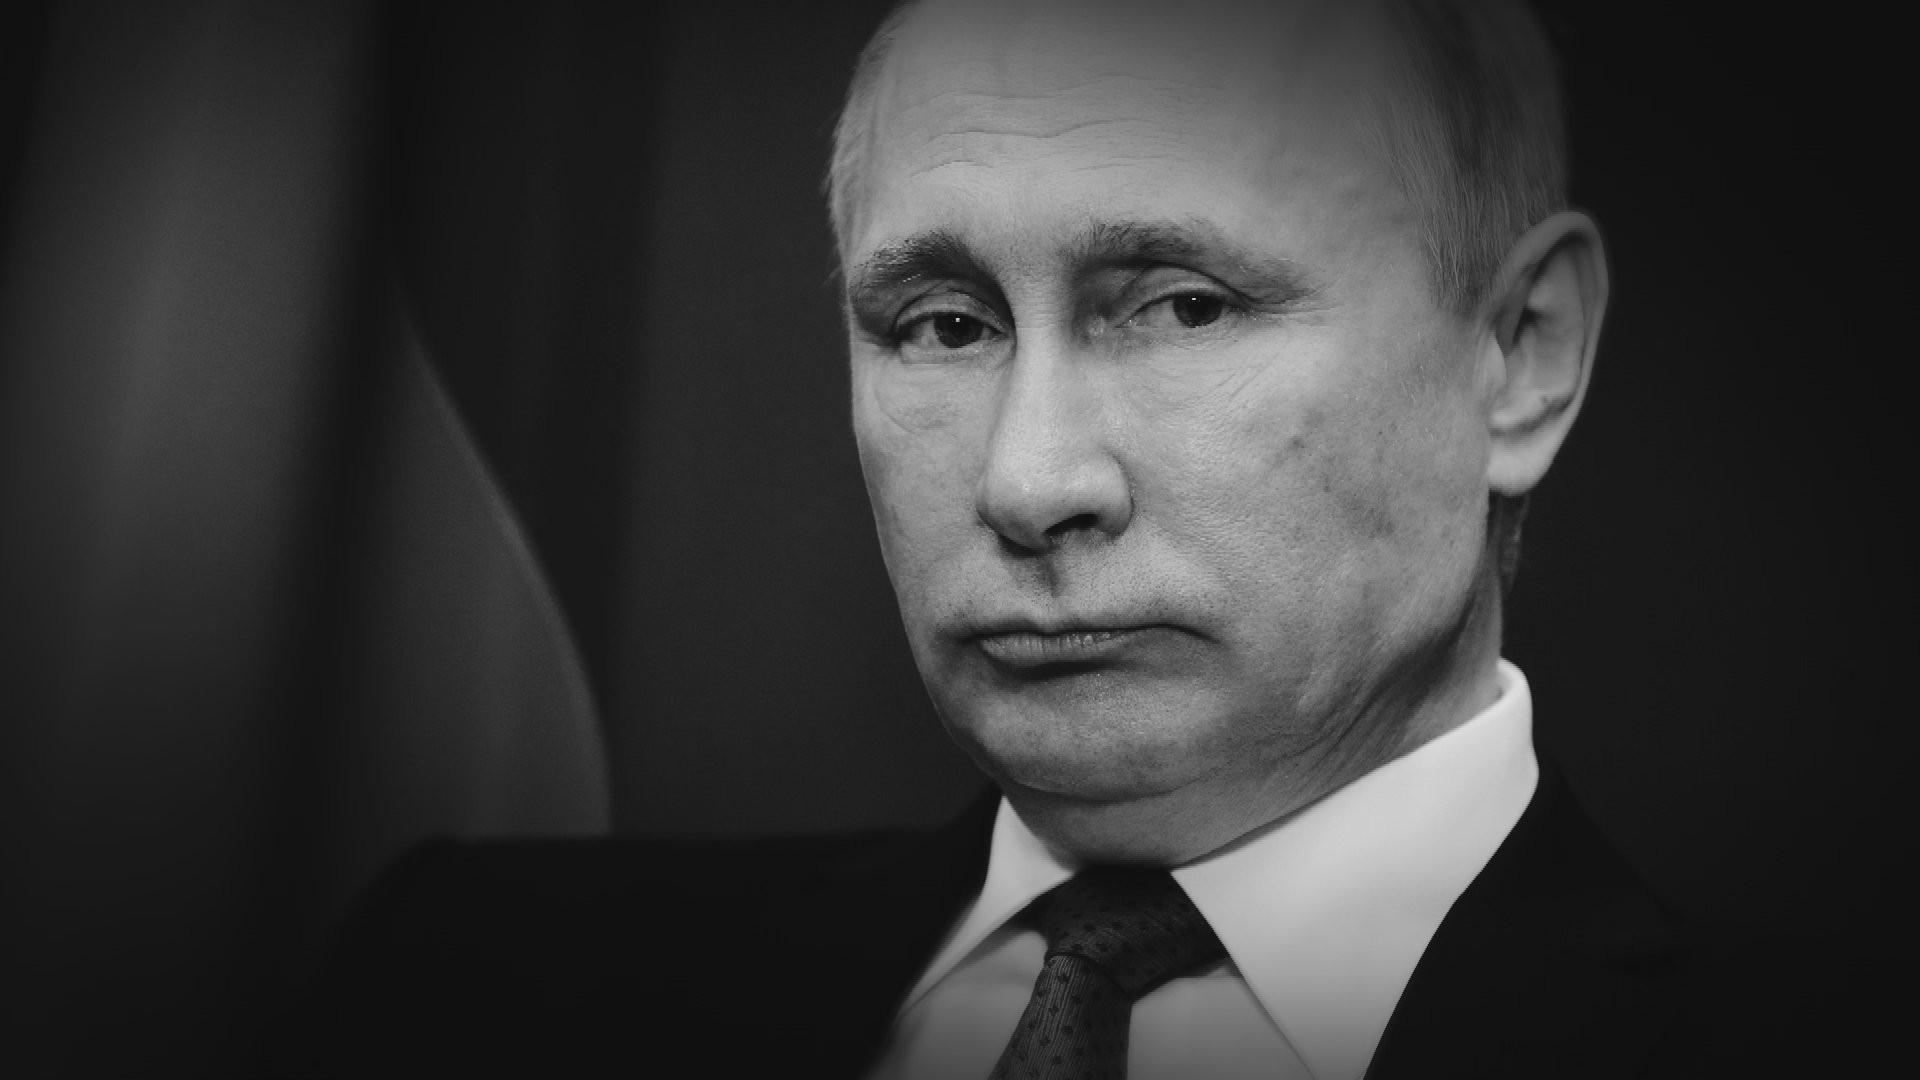 Vladimir Putin: Những khoảnh khắc cô đơn của người đàn ông thép-15